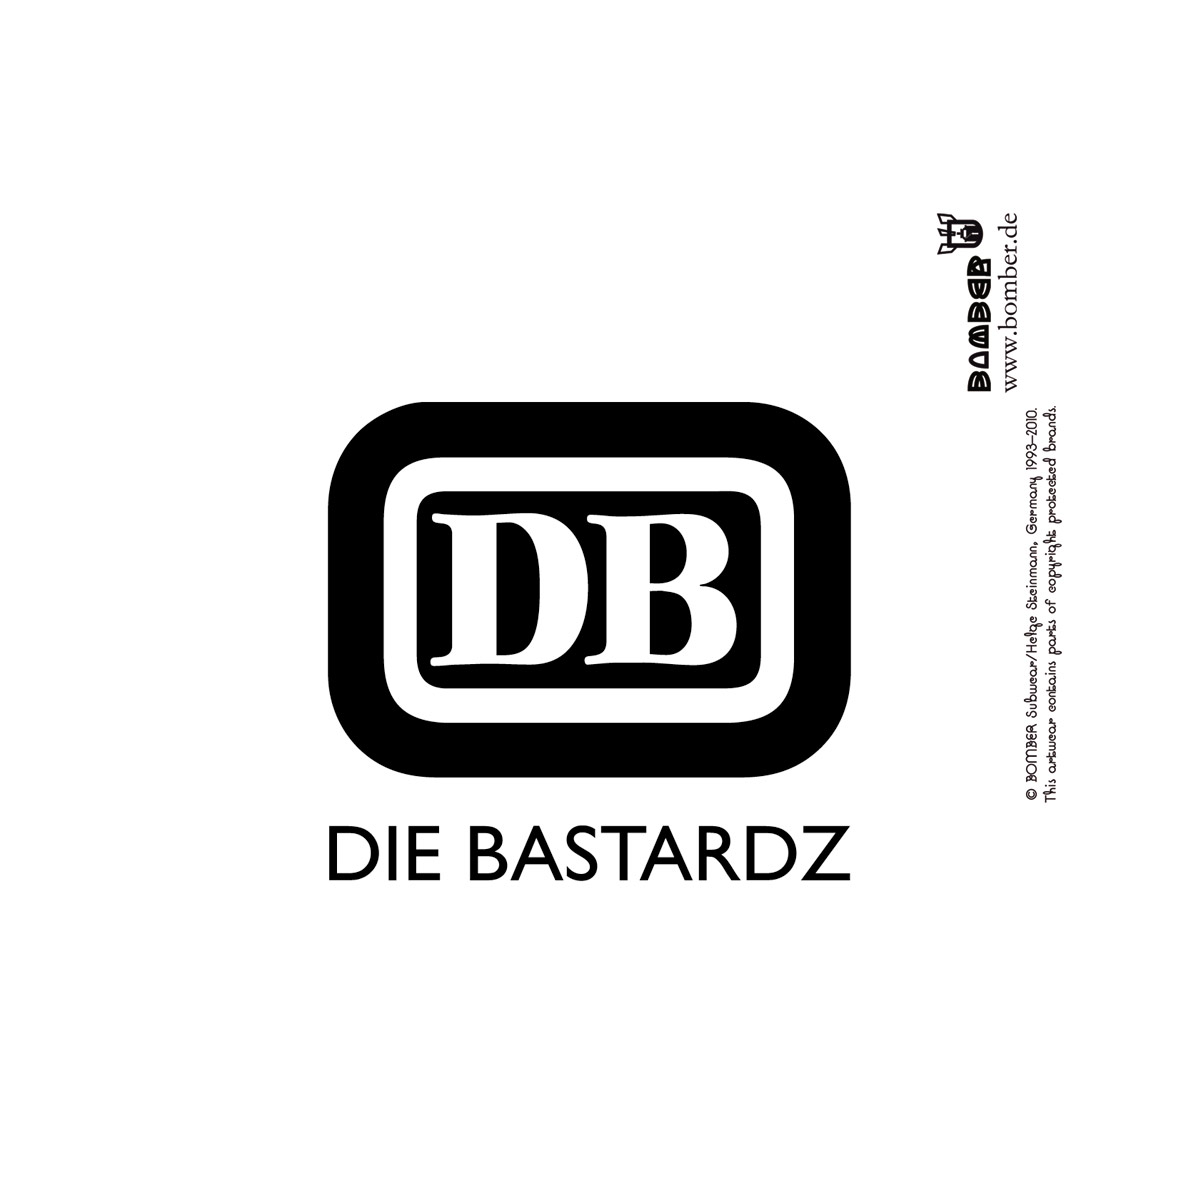 DIE-BASTARDZ